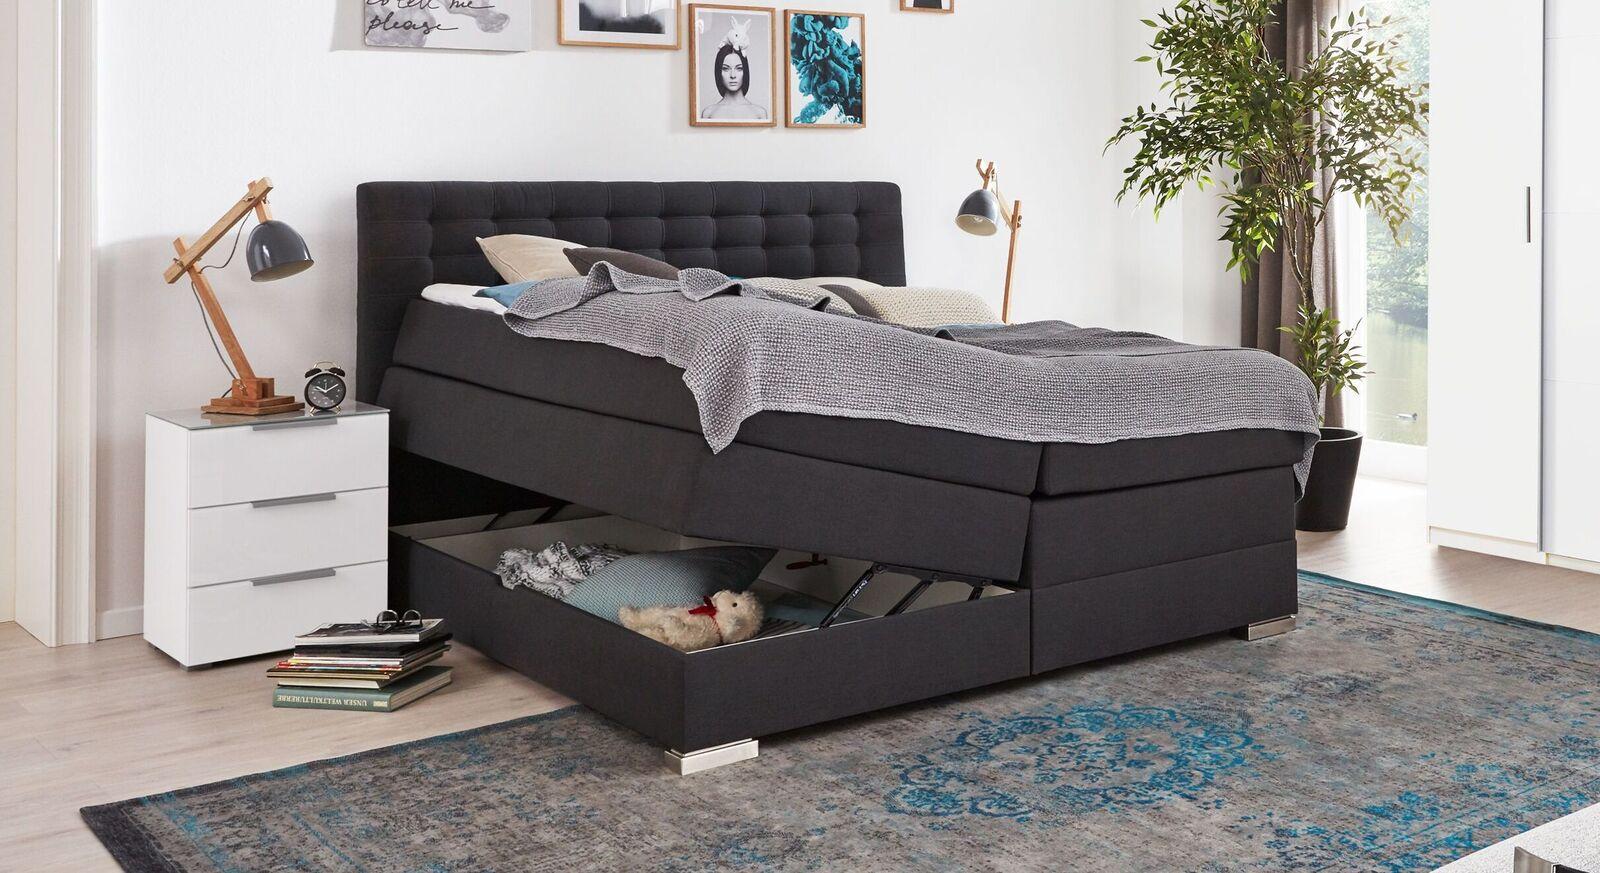 Bettkasten-Boxspringbett Agulo für zwei Personen